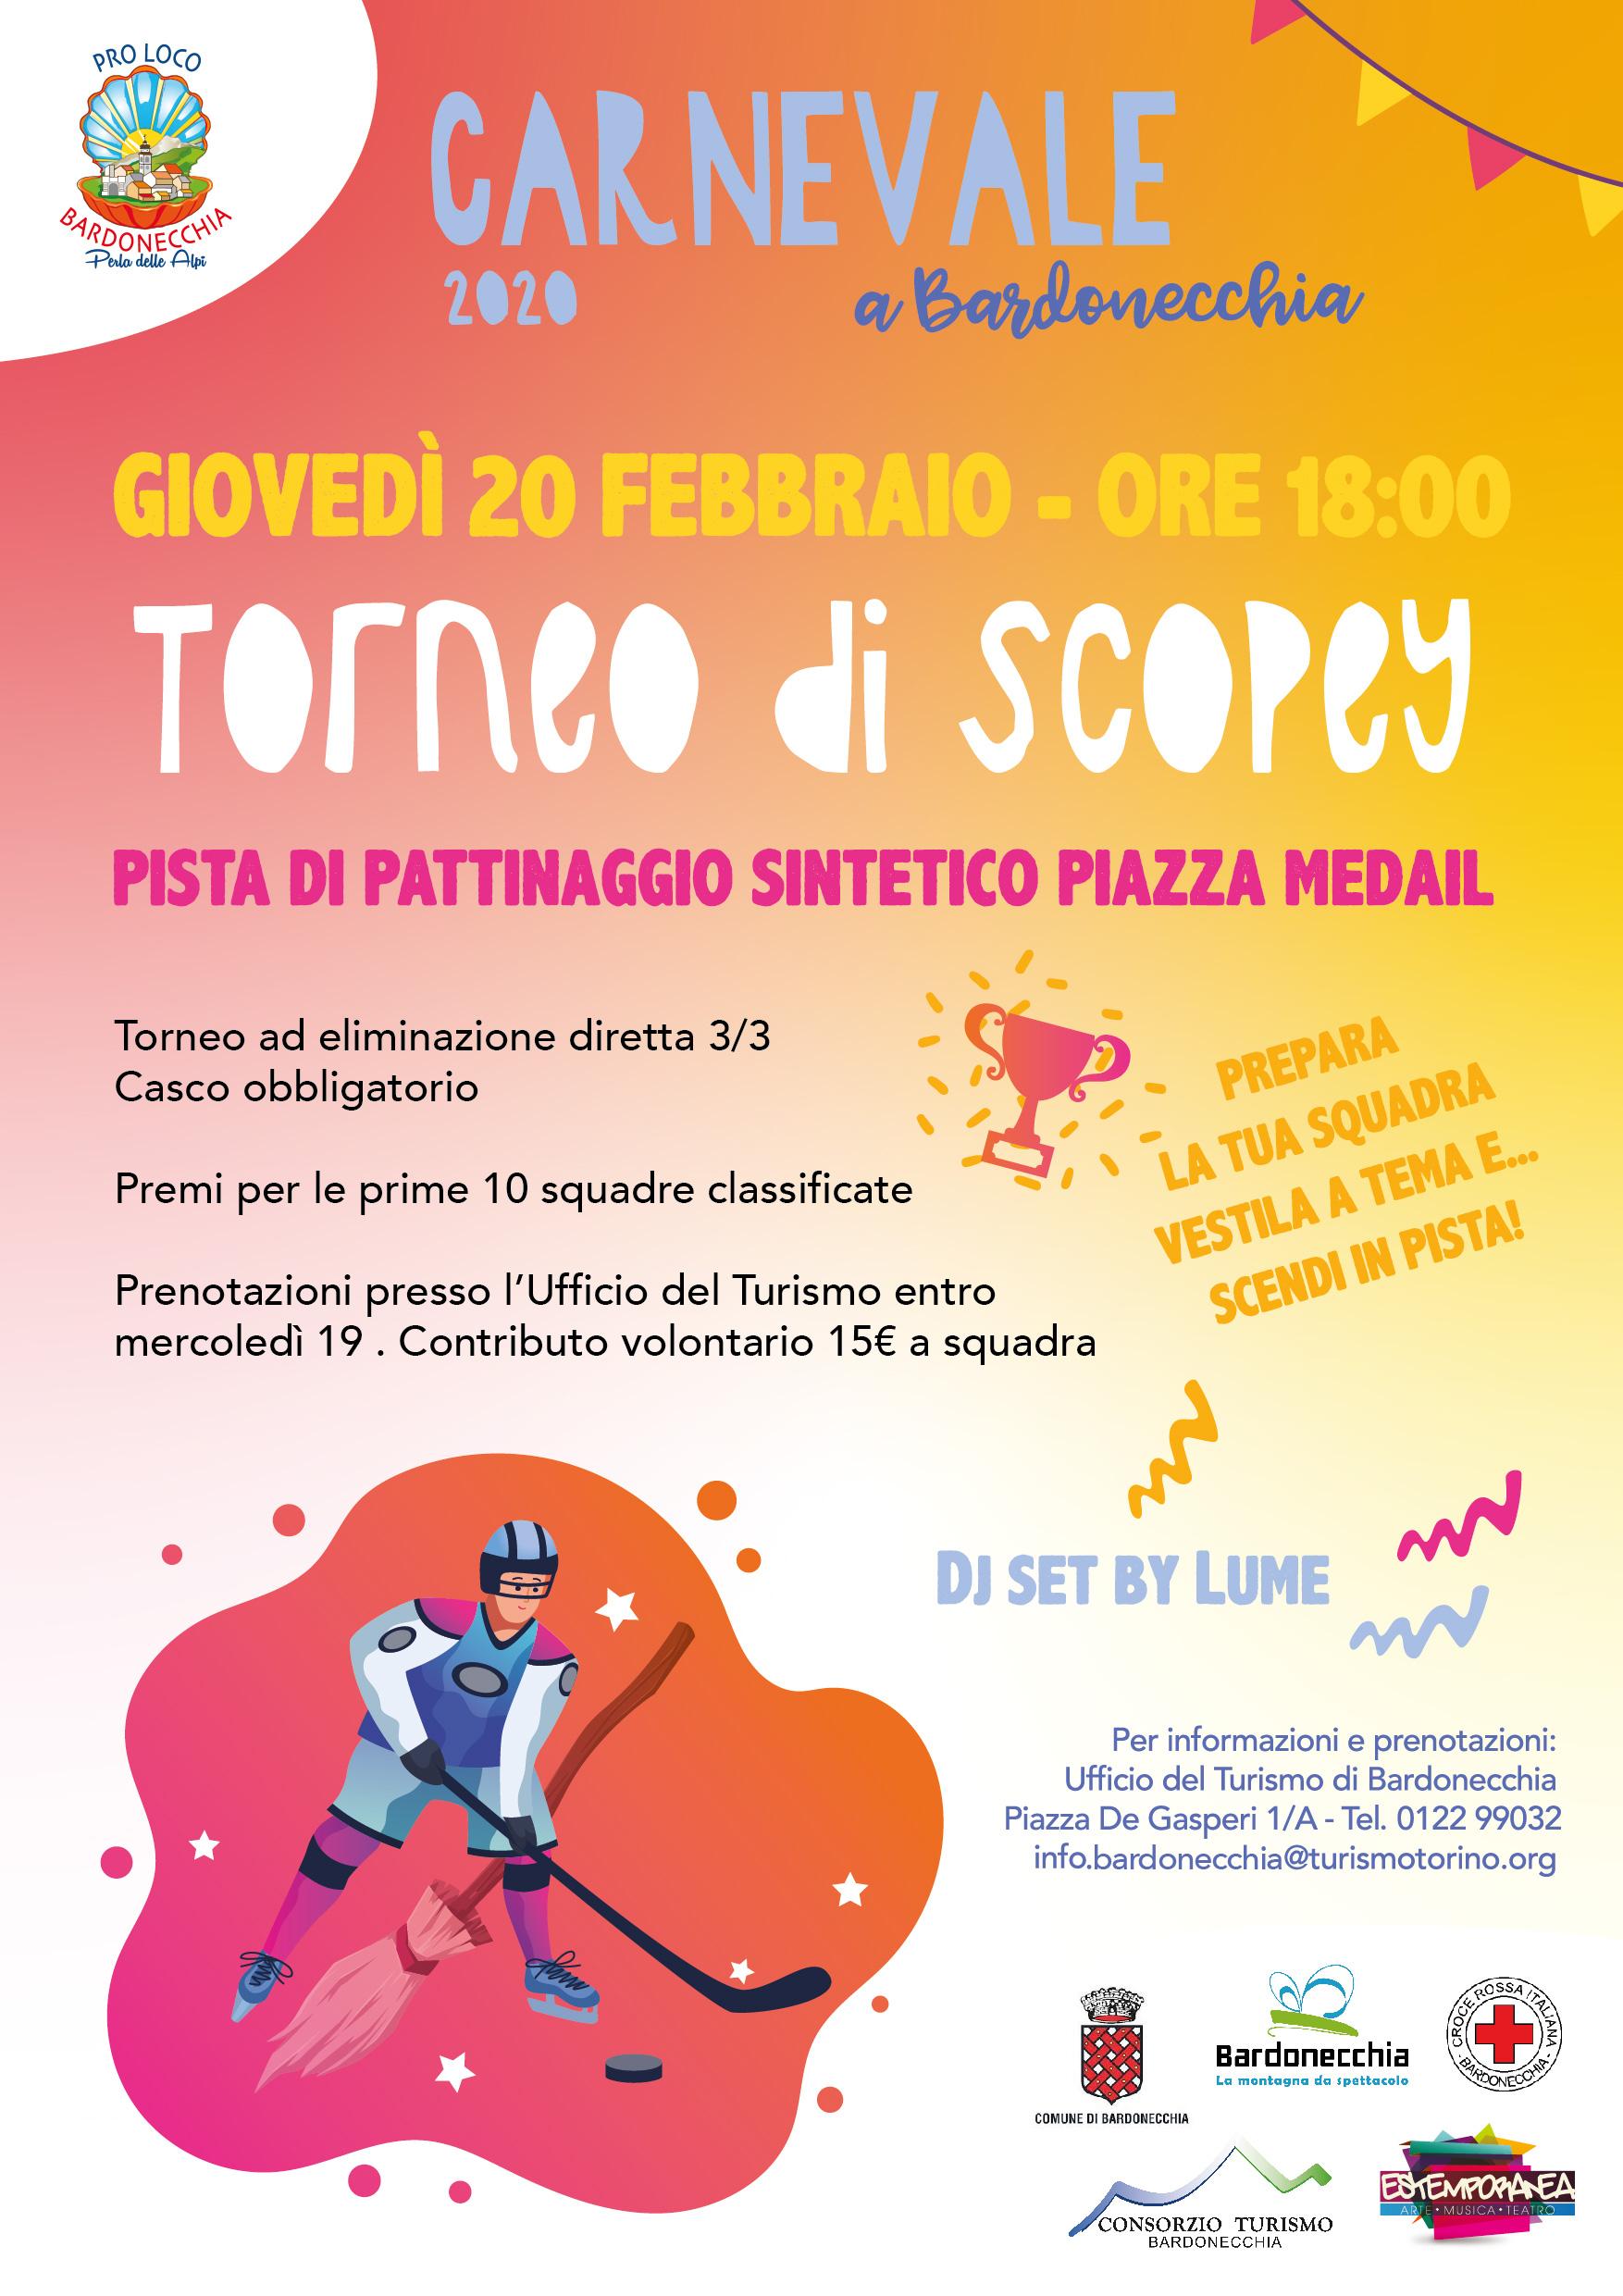 Carnevale Bardonecchia 2020 - 20 febbraio - Torneo di Scopey